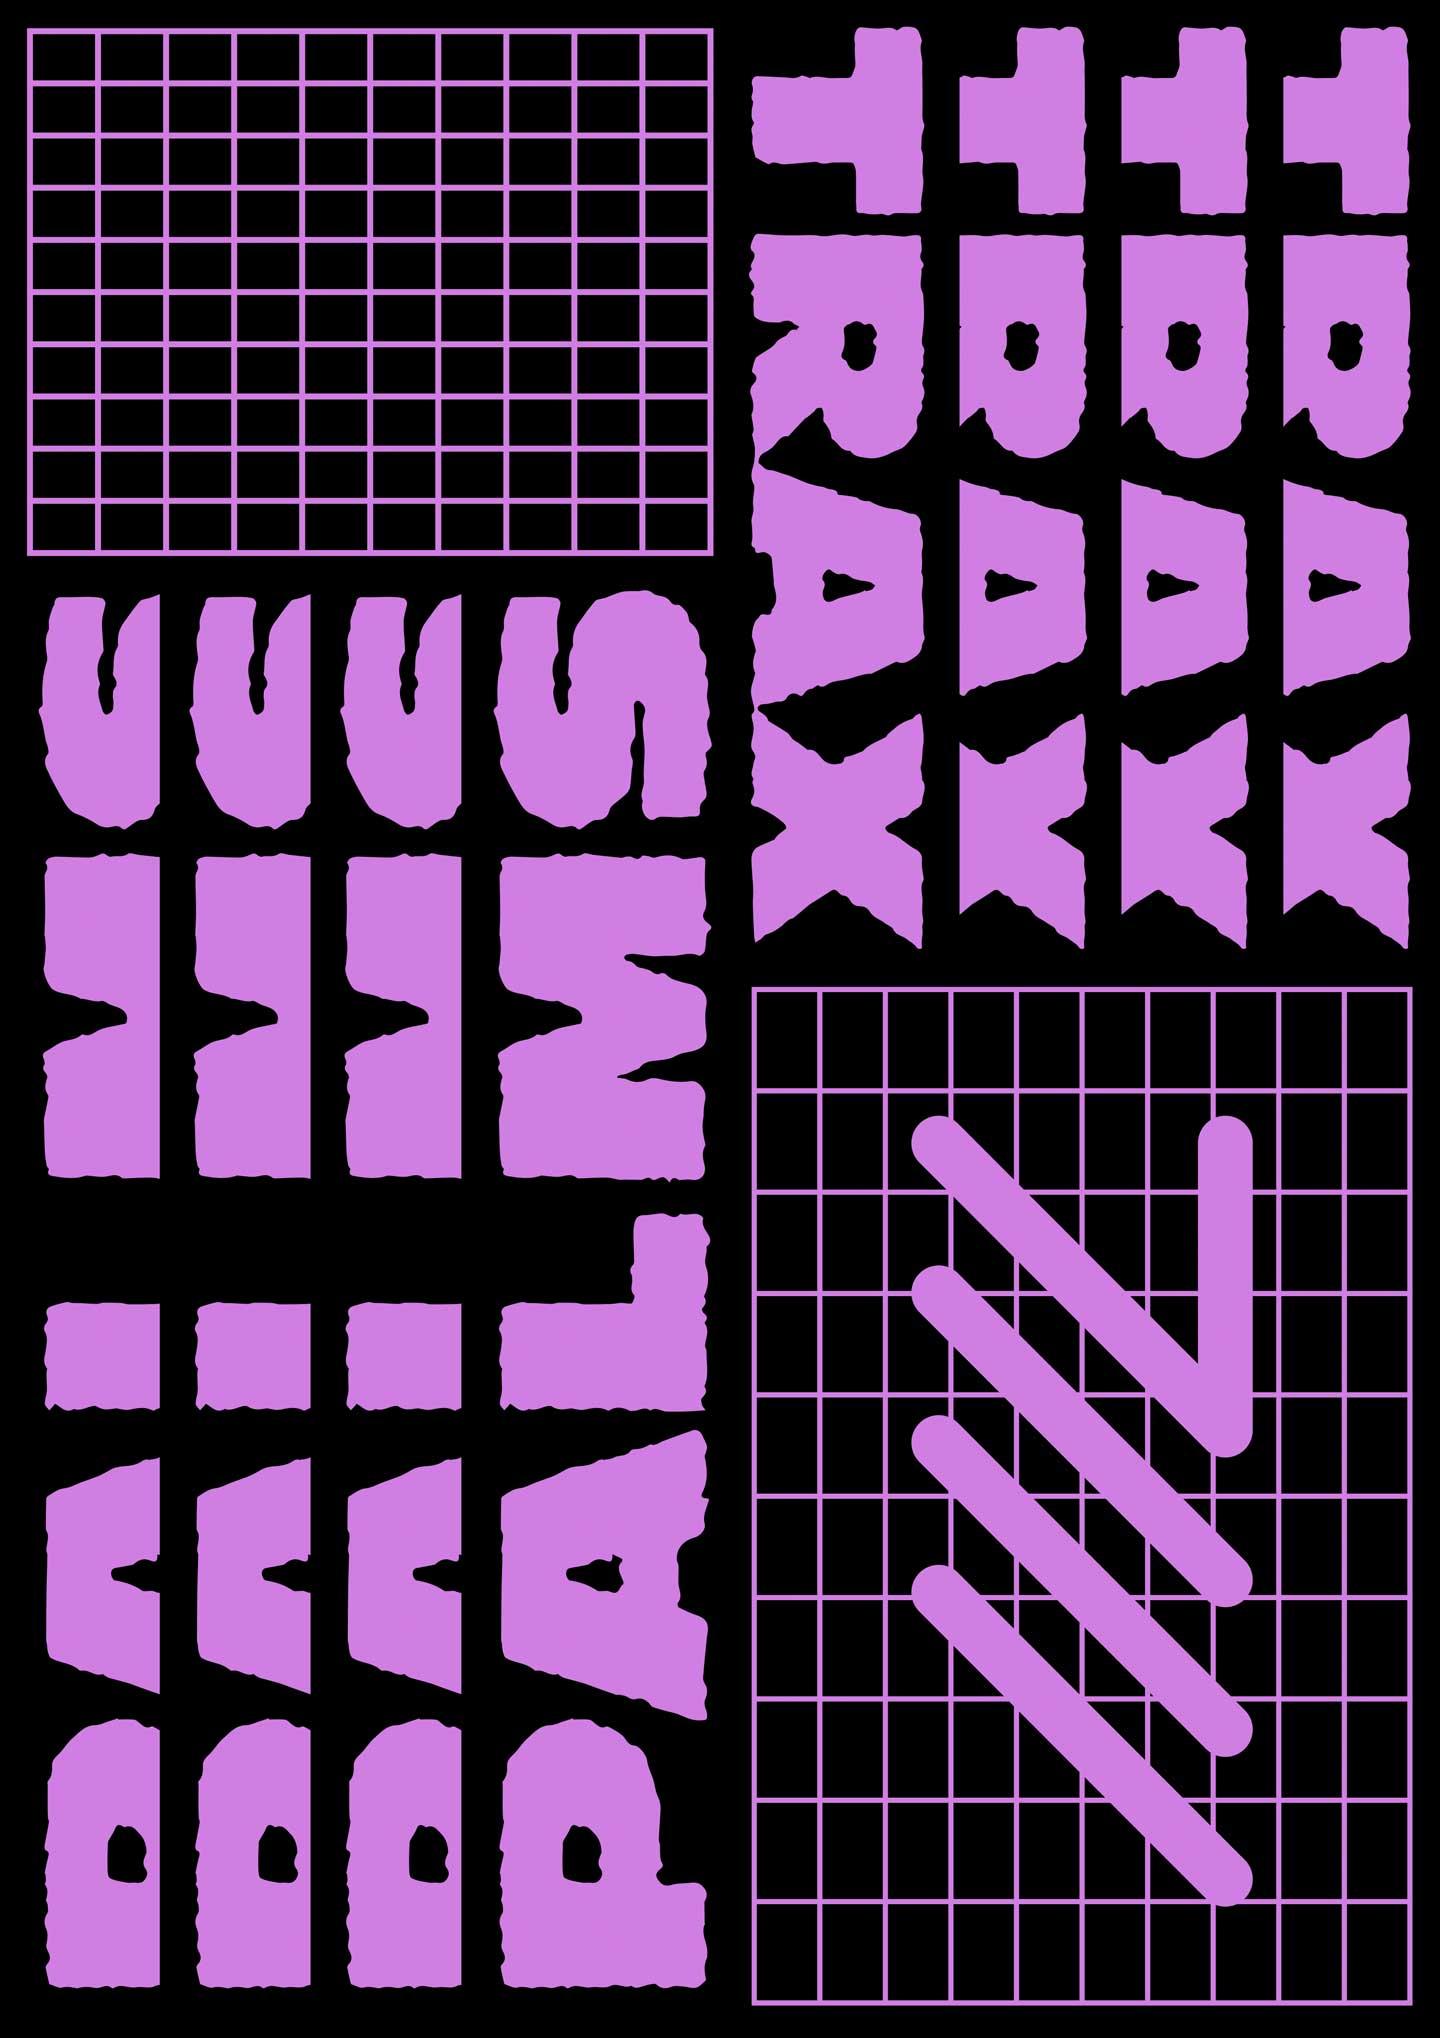 newmusic-poster-palmstrax.jpg